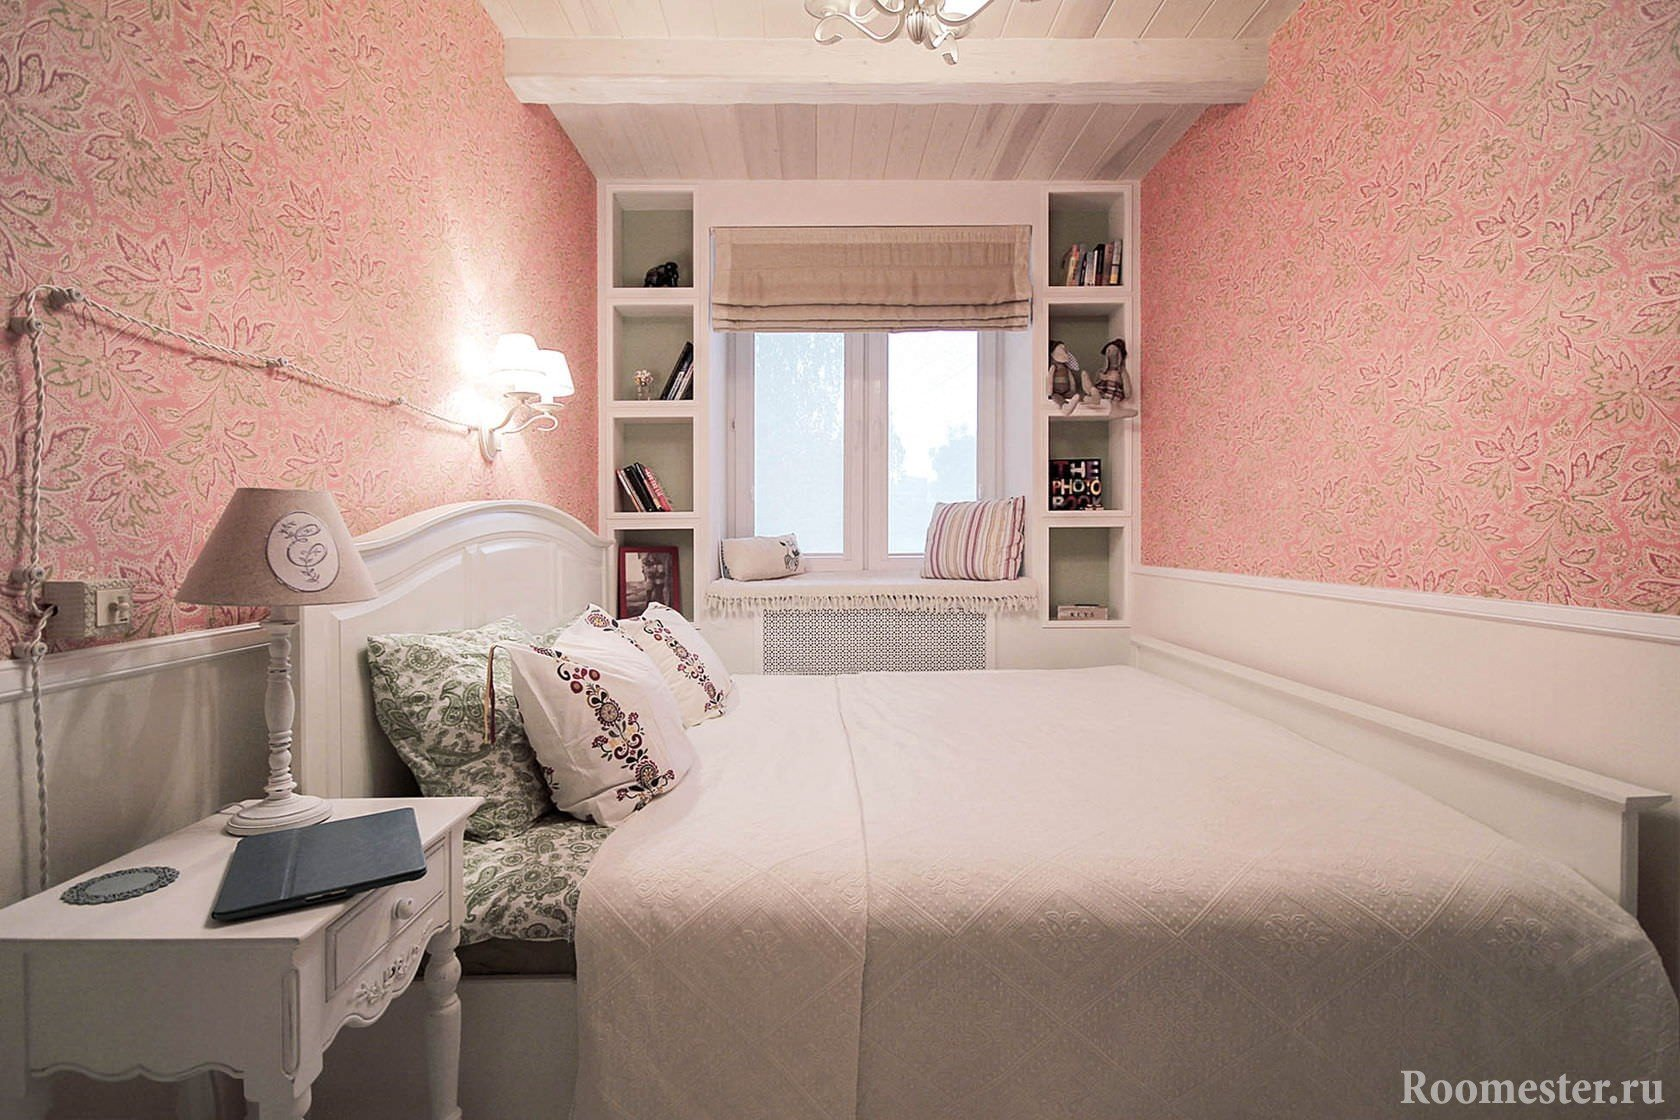 Спальня с отделкой обоями и потолком под дерево